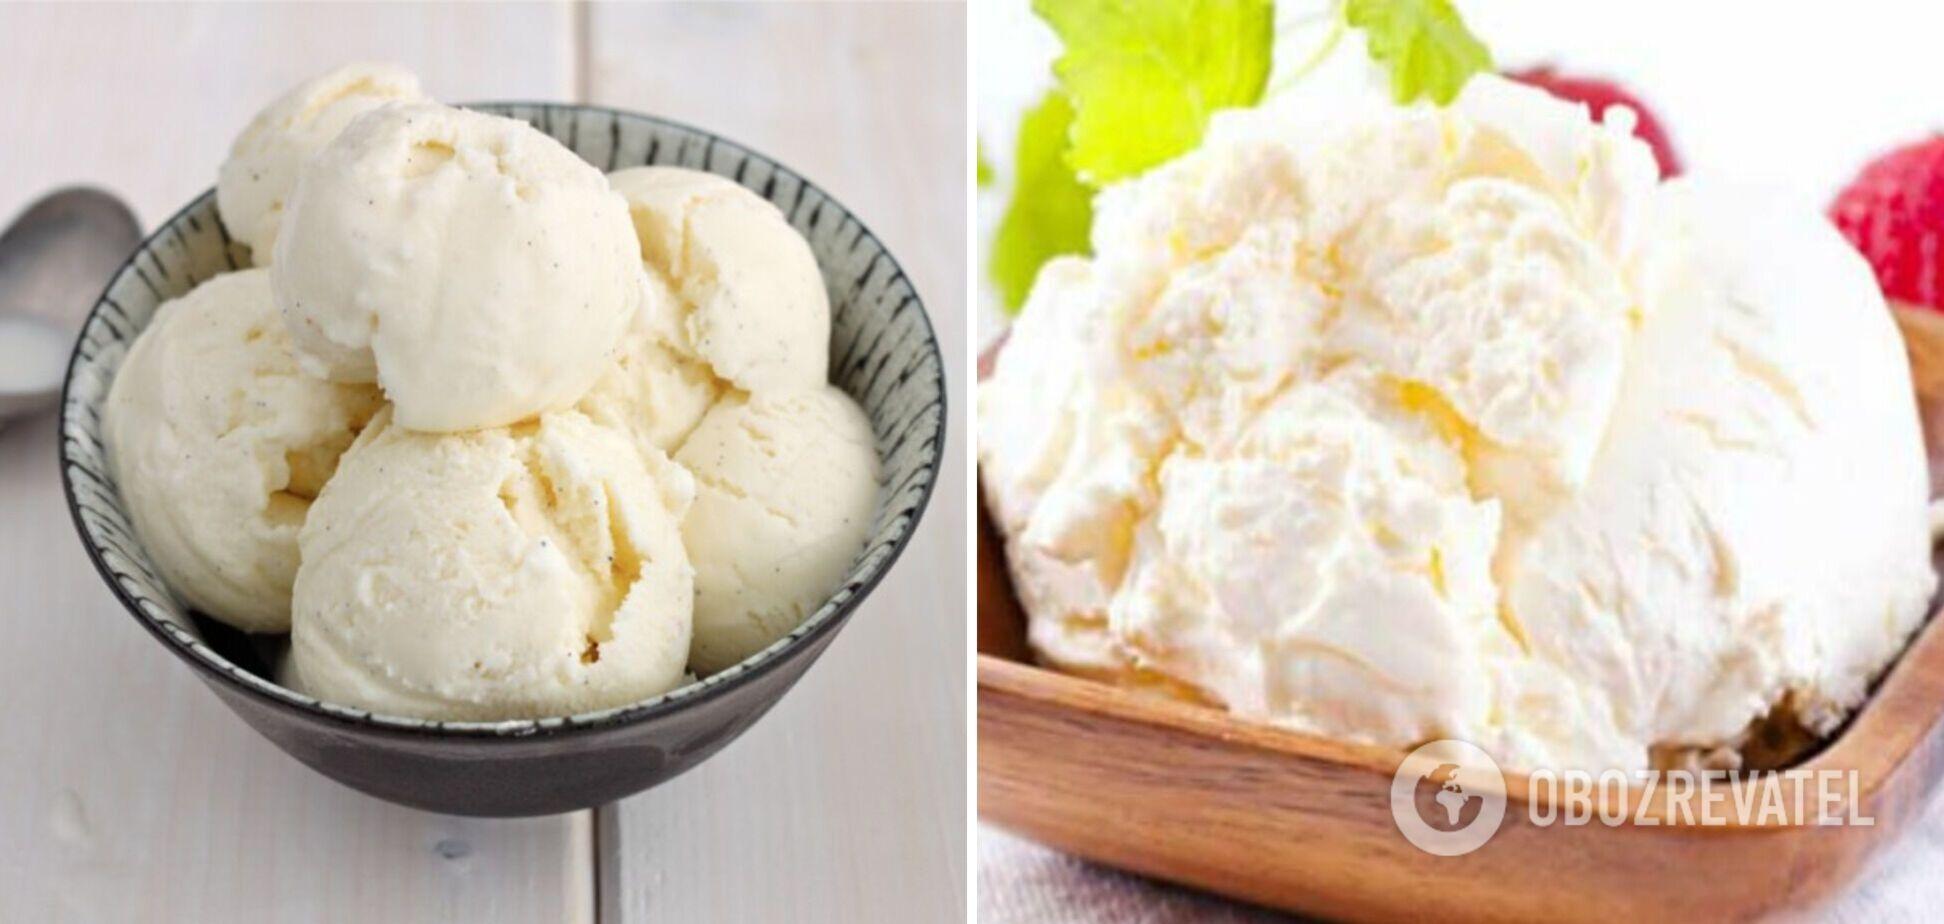 Сырно-белковое мороженое: рецепт